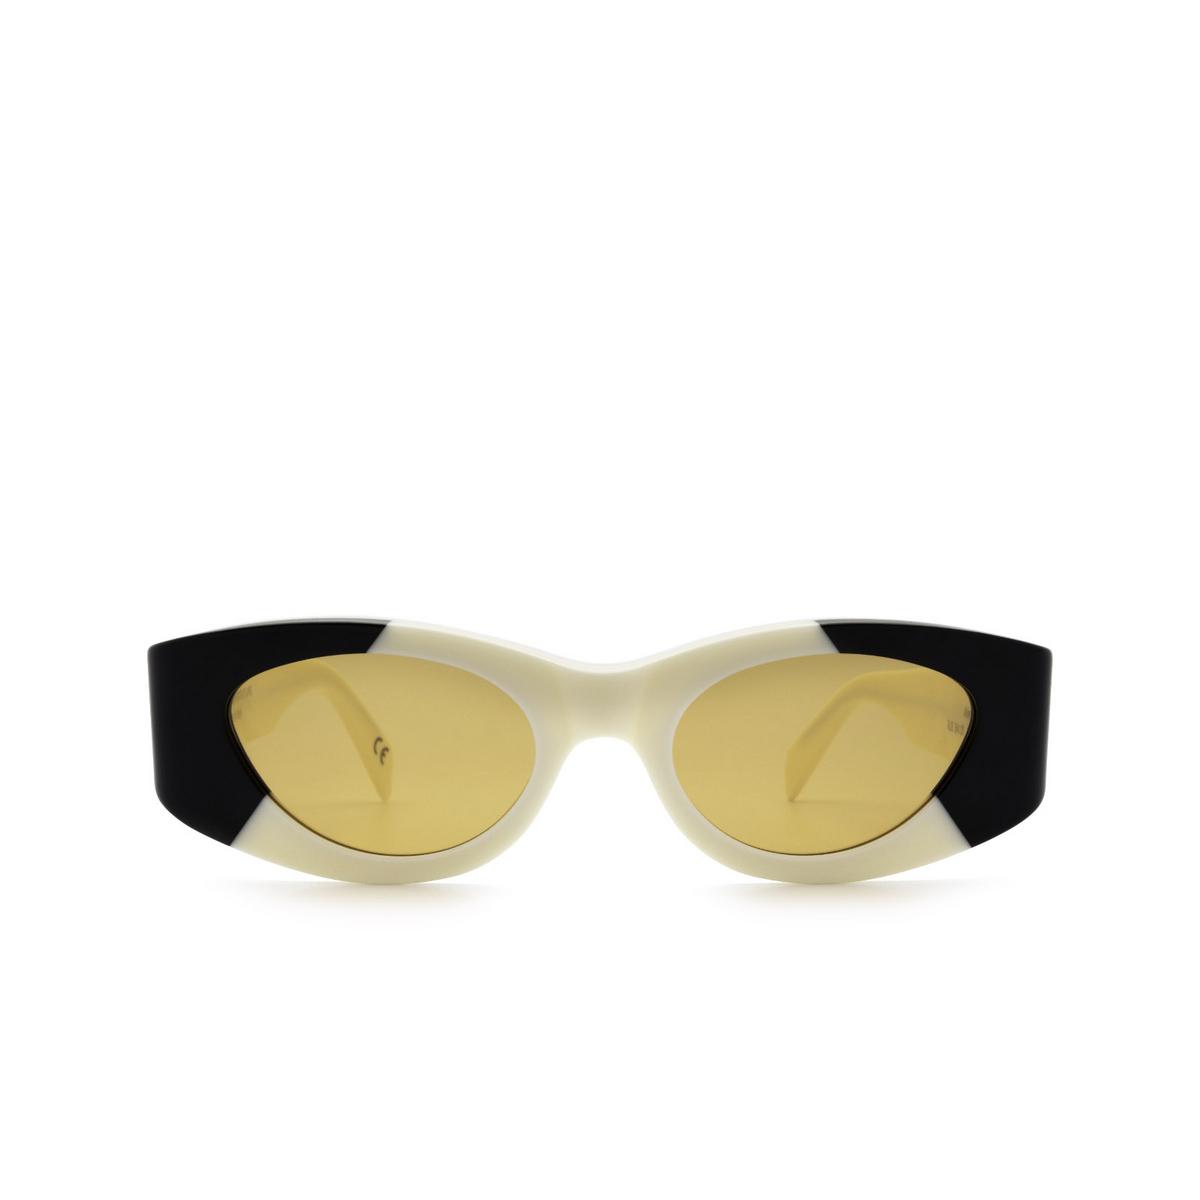 Retrosuperfuture® Oval Sunglasses: Atena color Unione RJ3.